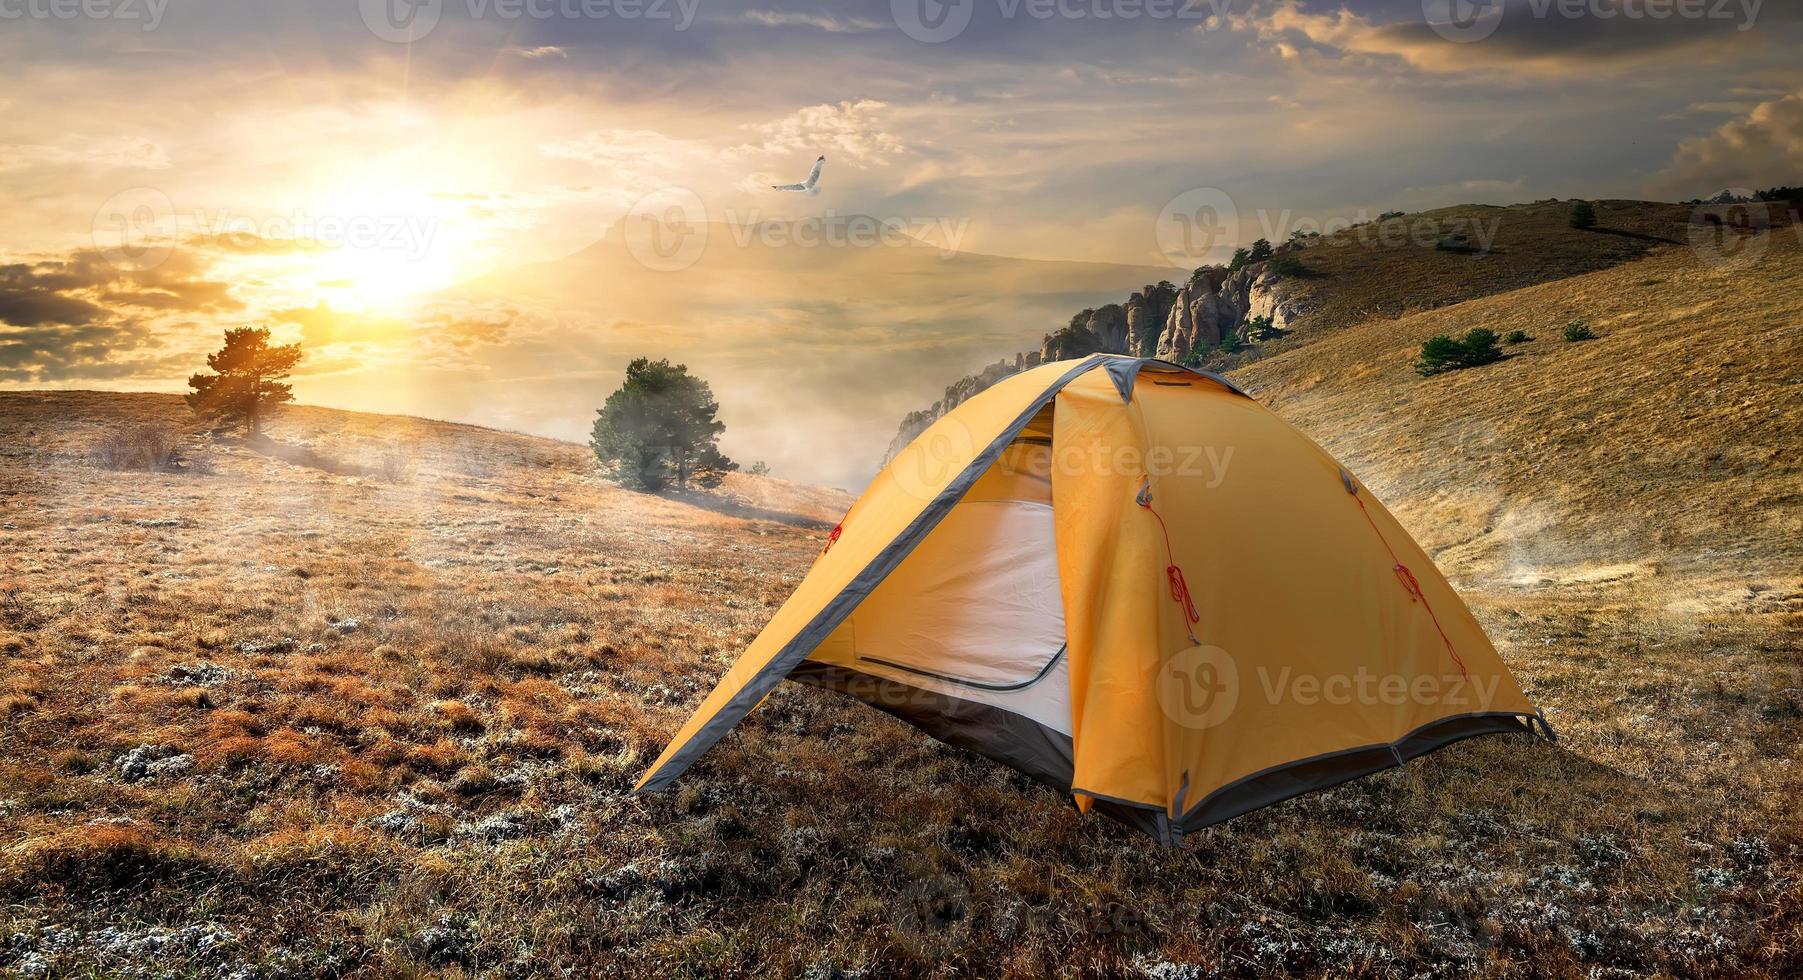 Tent on mountain photo